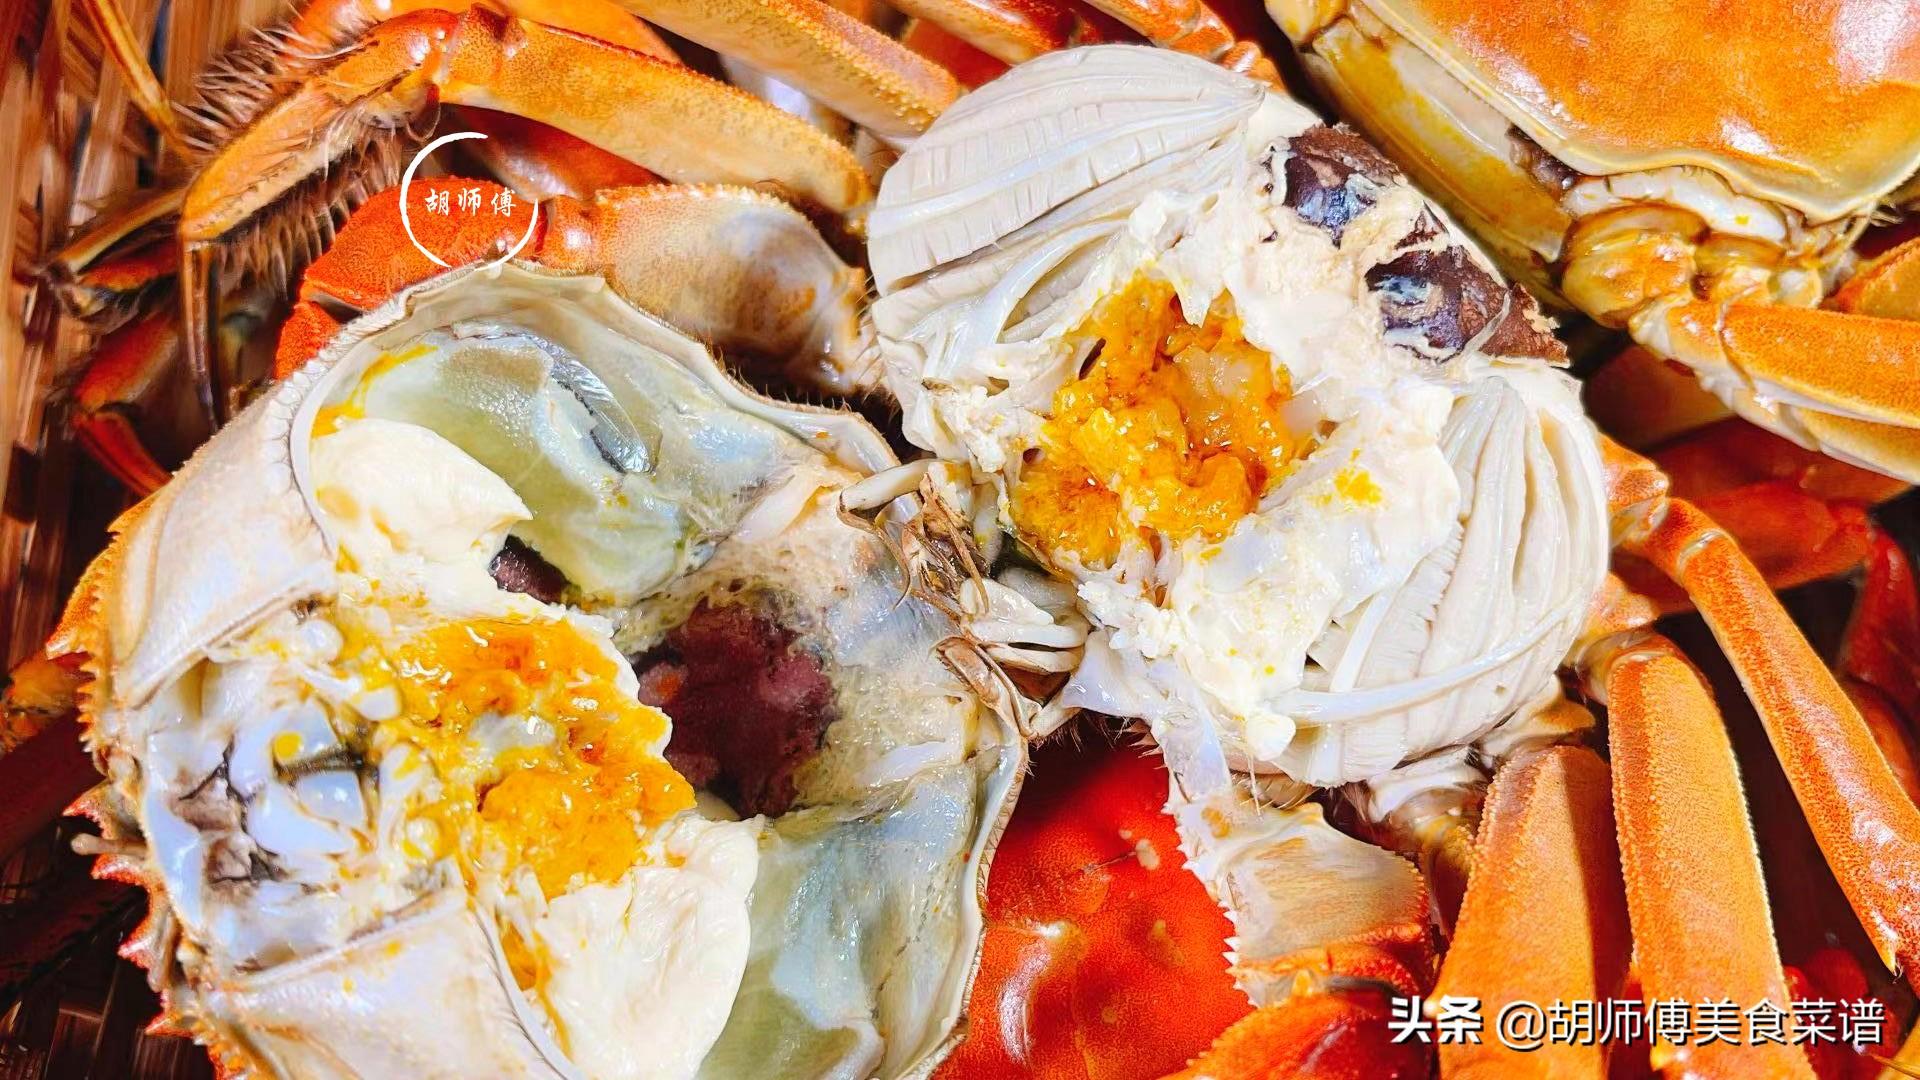 保存螃蟹时,万不可直接放冰箱!老渔民教您一招,放7天都是活的